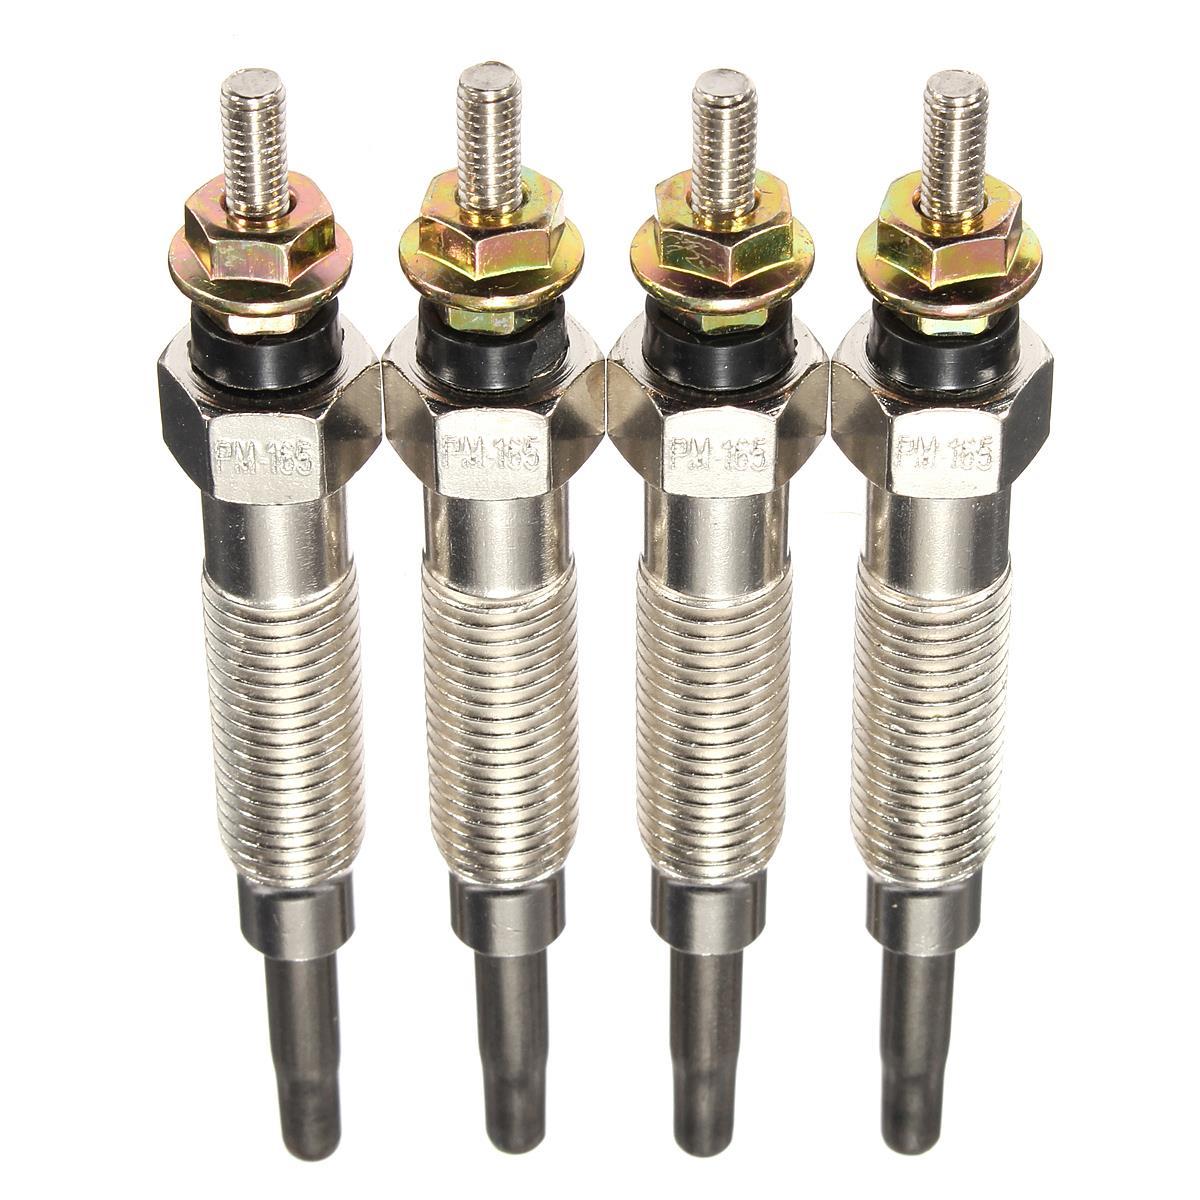 4 stks/set Heater Gloeibougies Voor Mitsubishi/SHOGUN/PAJERO/2.8/4M40T/4M40/GP5501